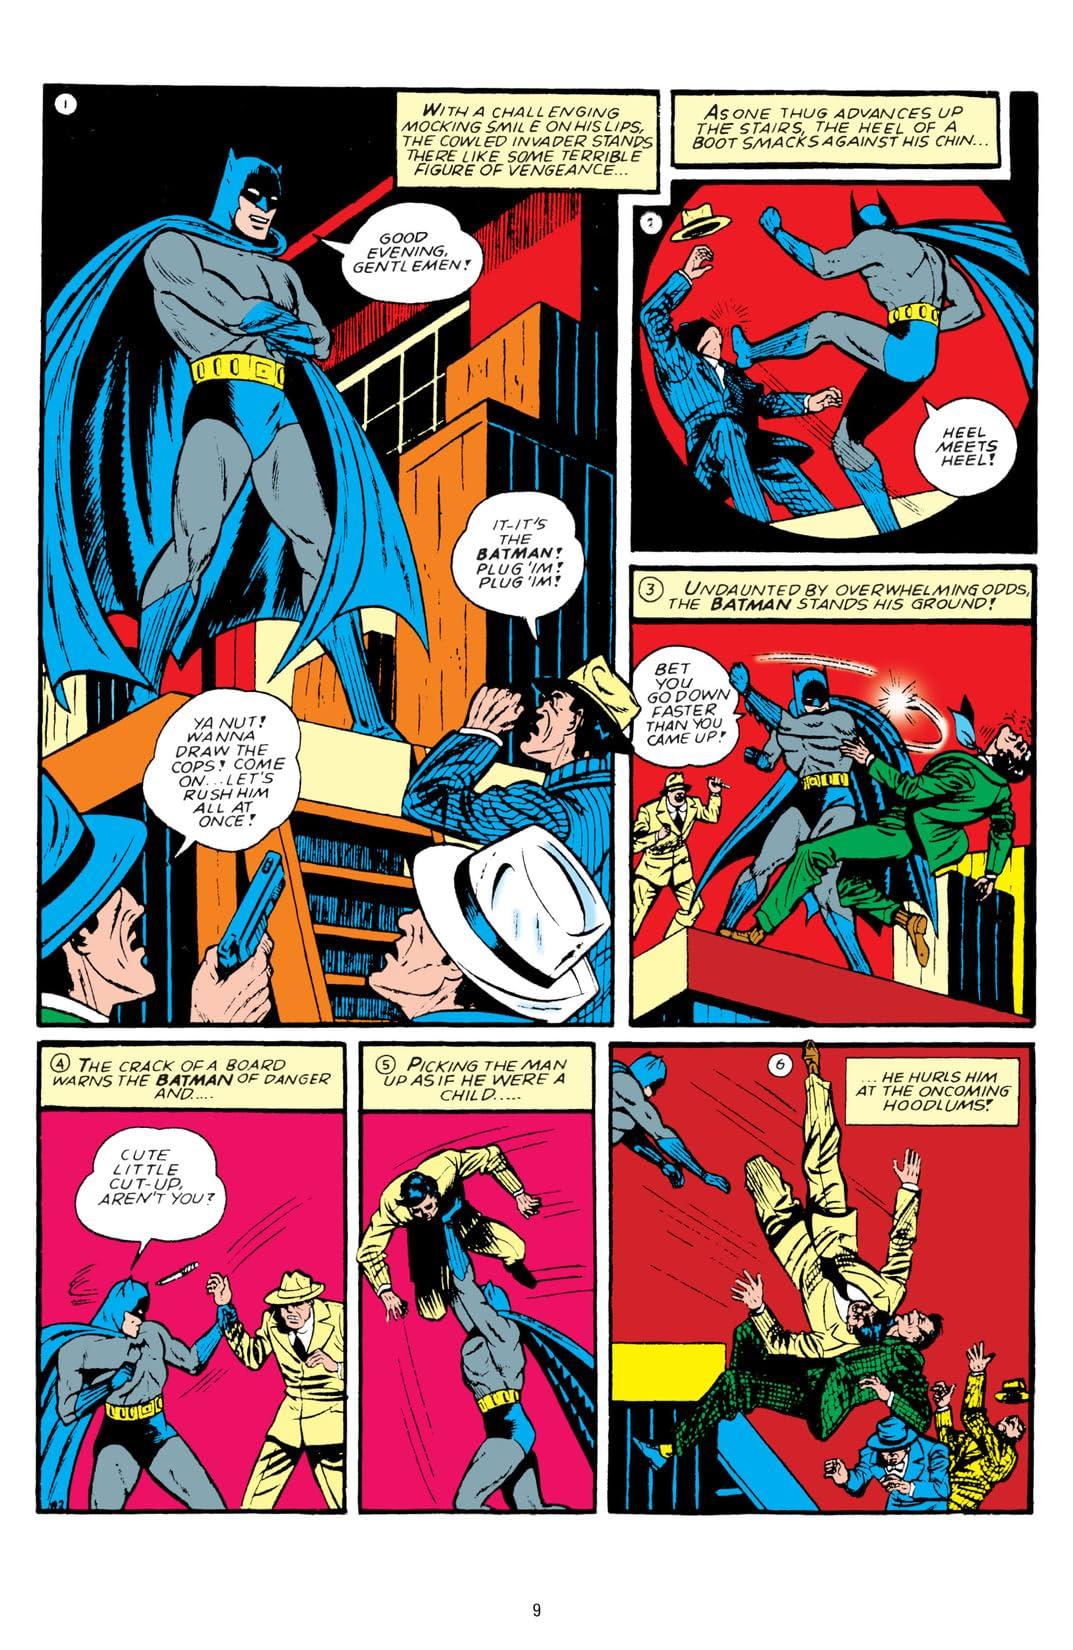 Batman: The Golden Age Vol. 2